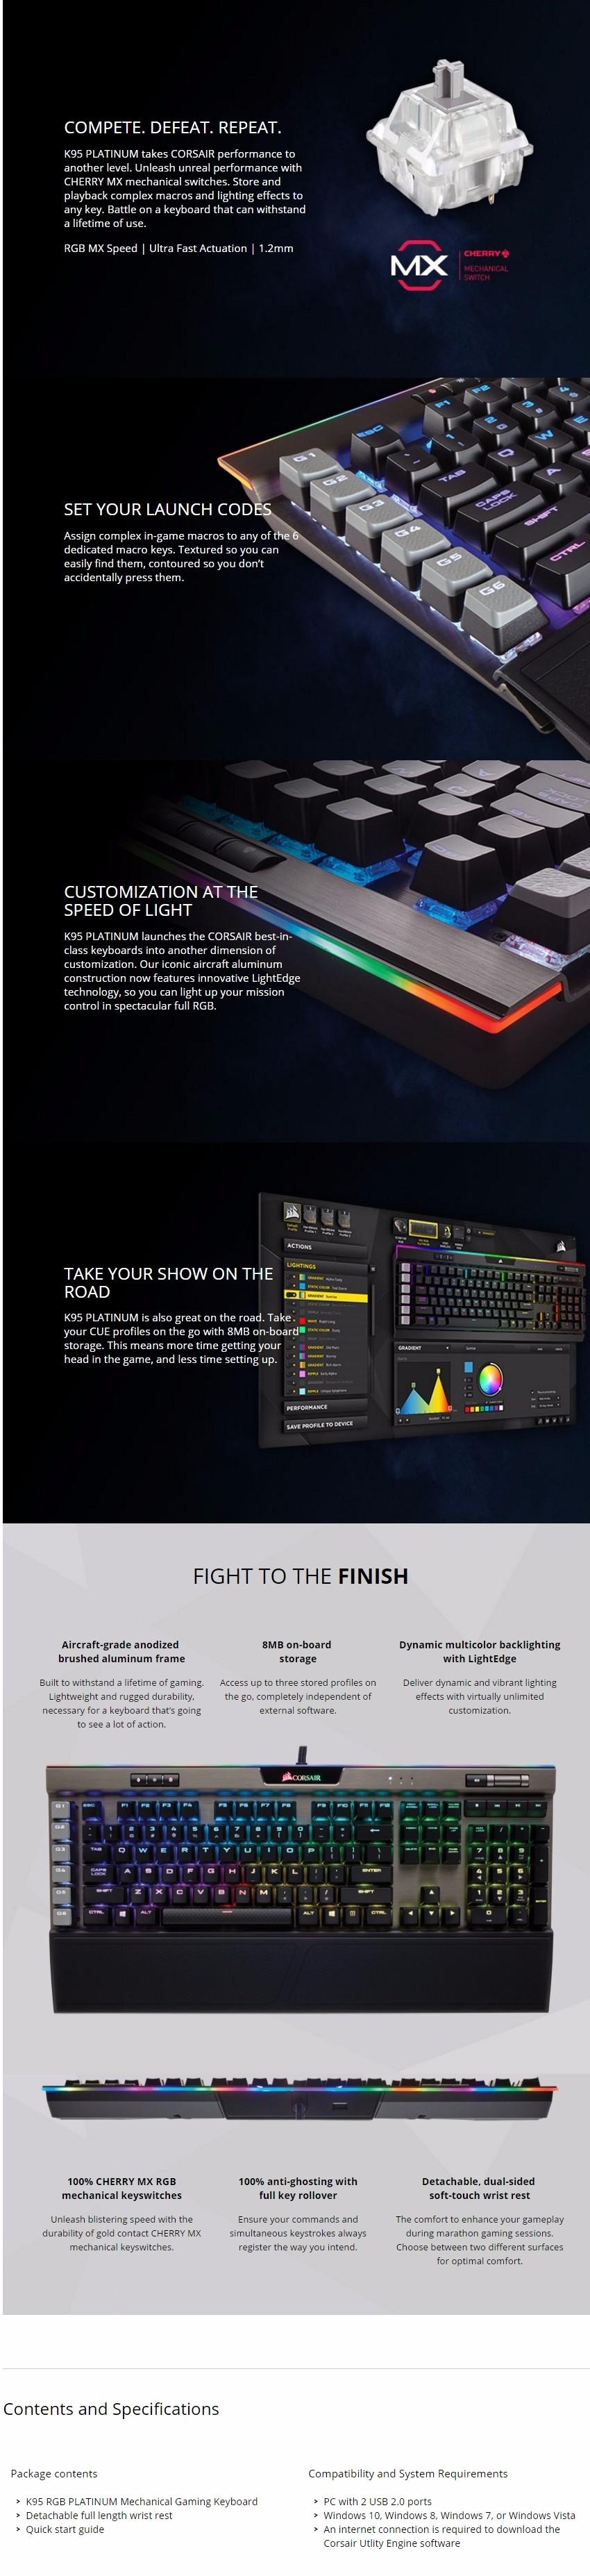 Corsair K95 RGB PLATINUM Mechanical Gaming Keyboard Gunmetal - MX Speed